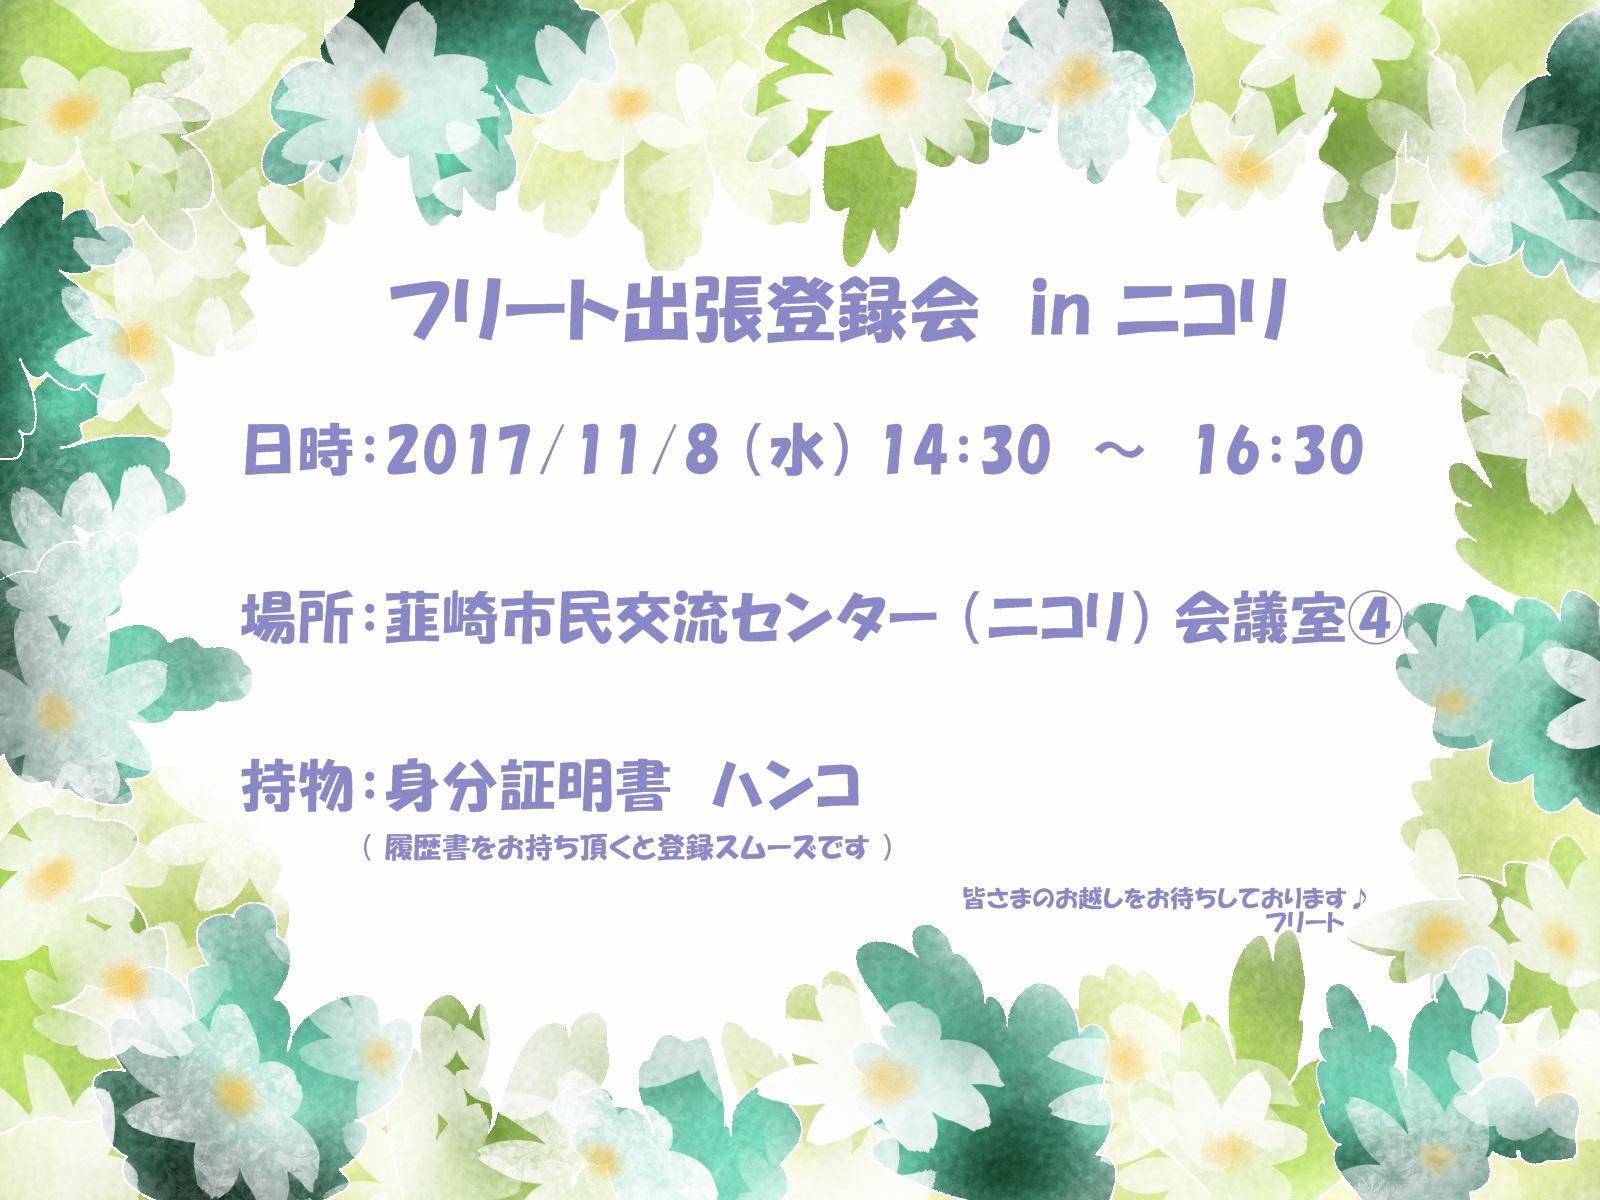 ☆★☆ 出張登録会 ☆★☆